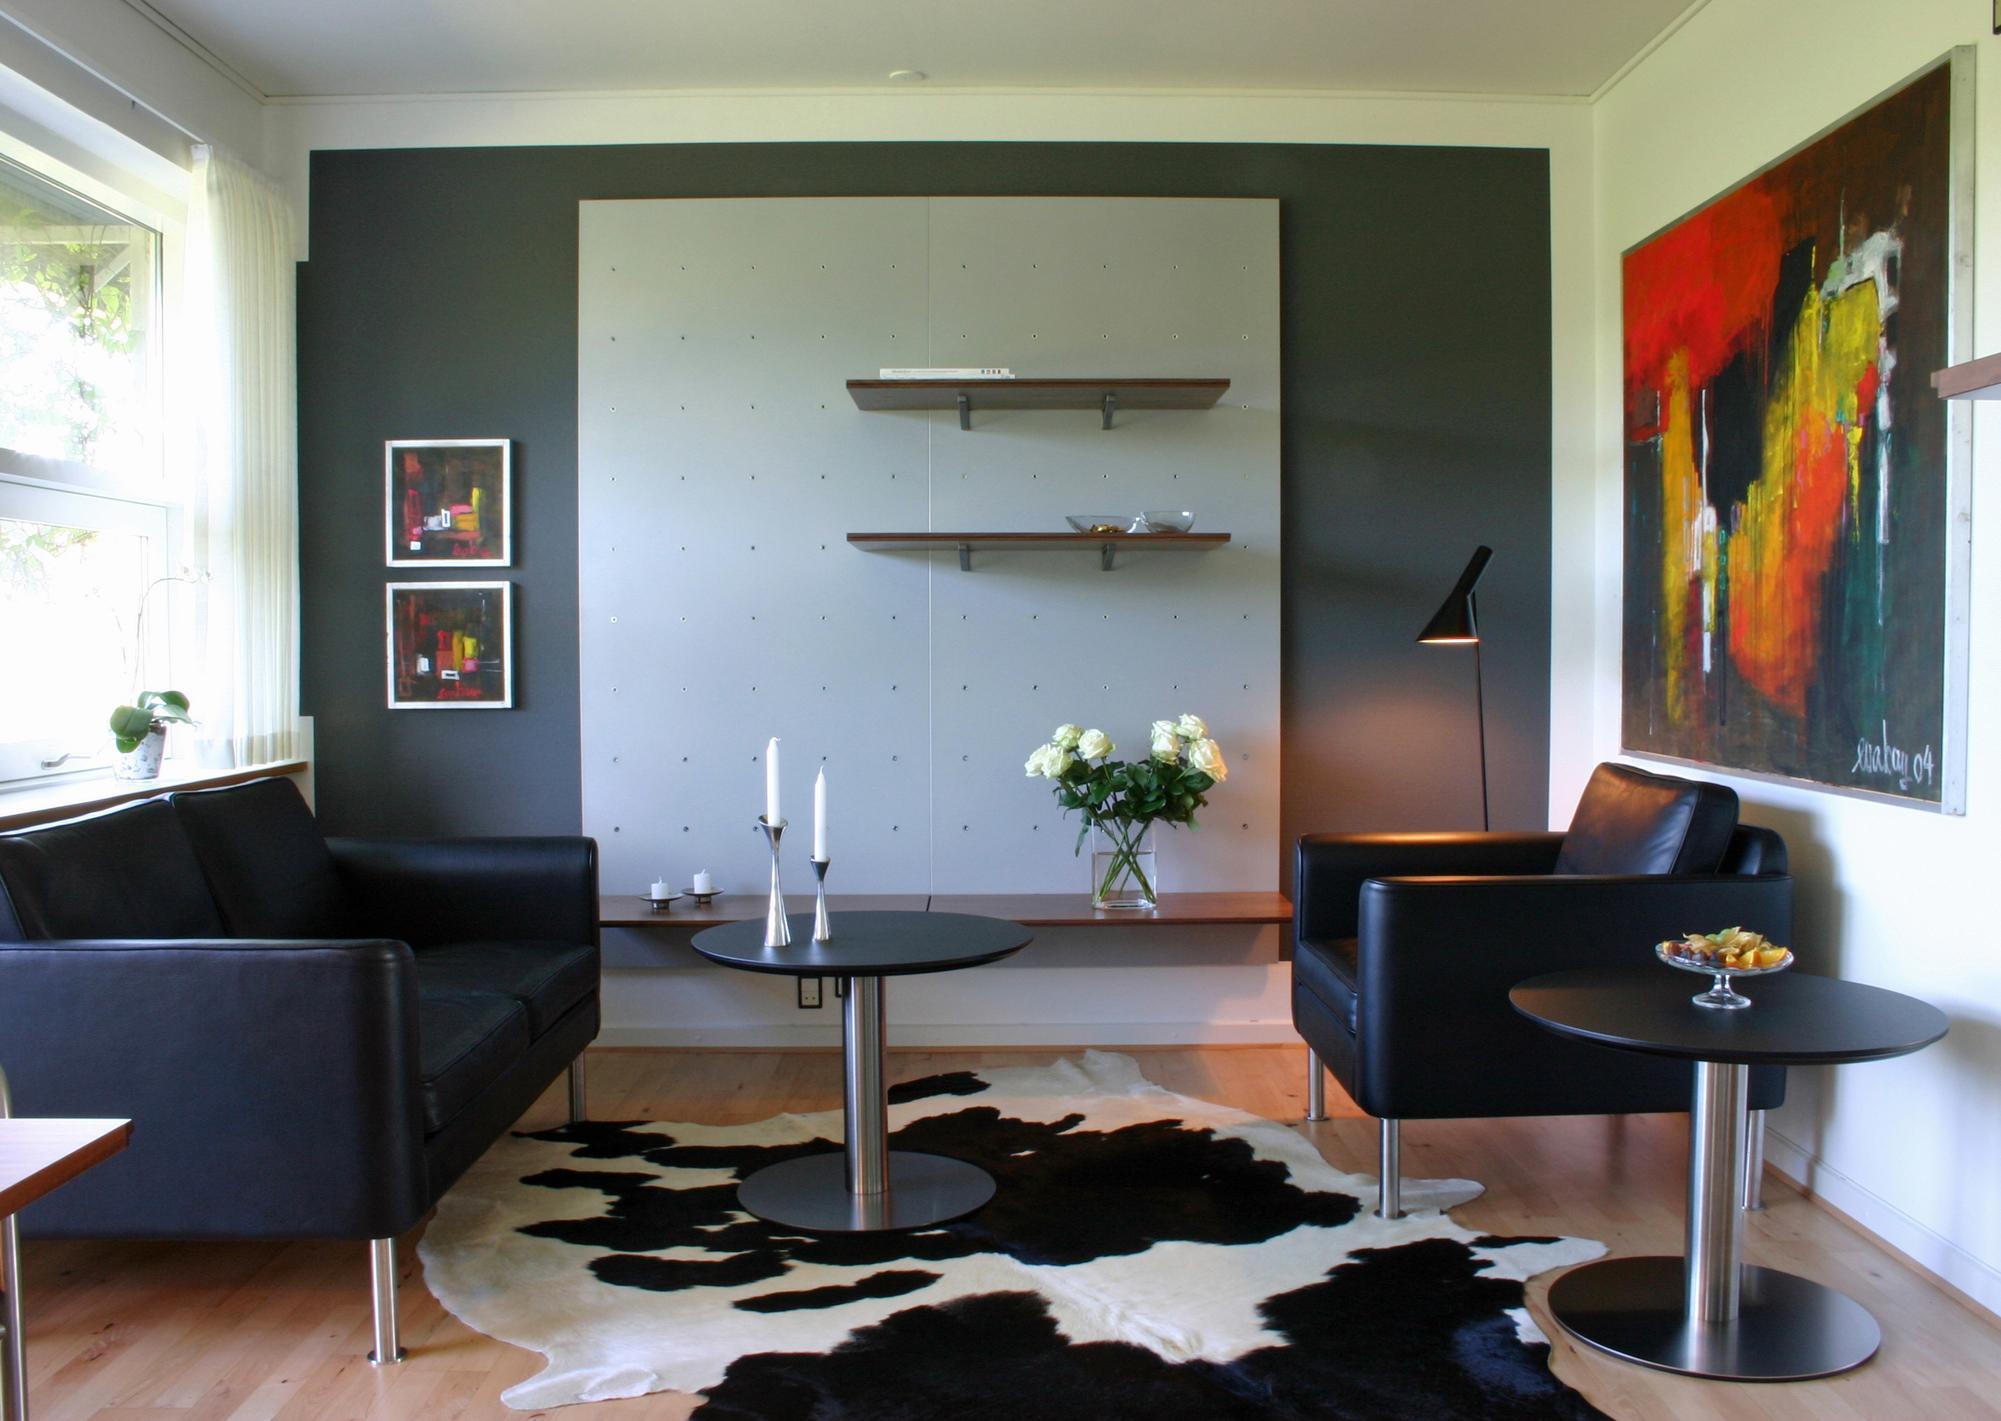 Kuhfellteppich • Bilder & Ideen • Couchstyle